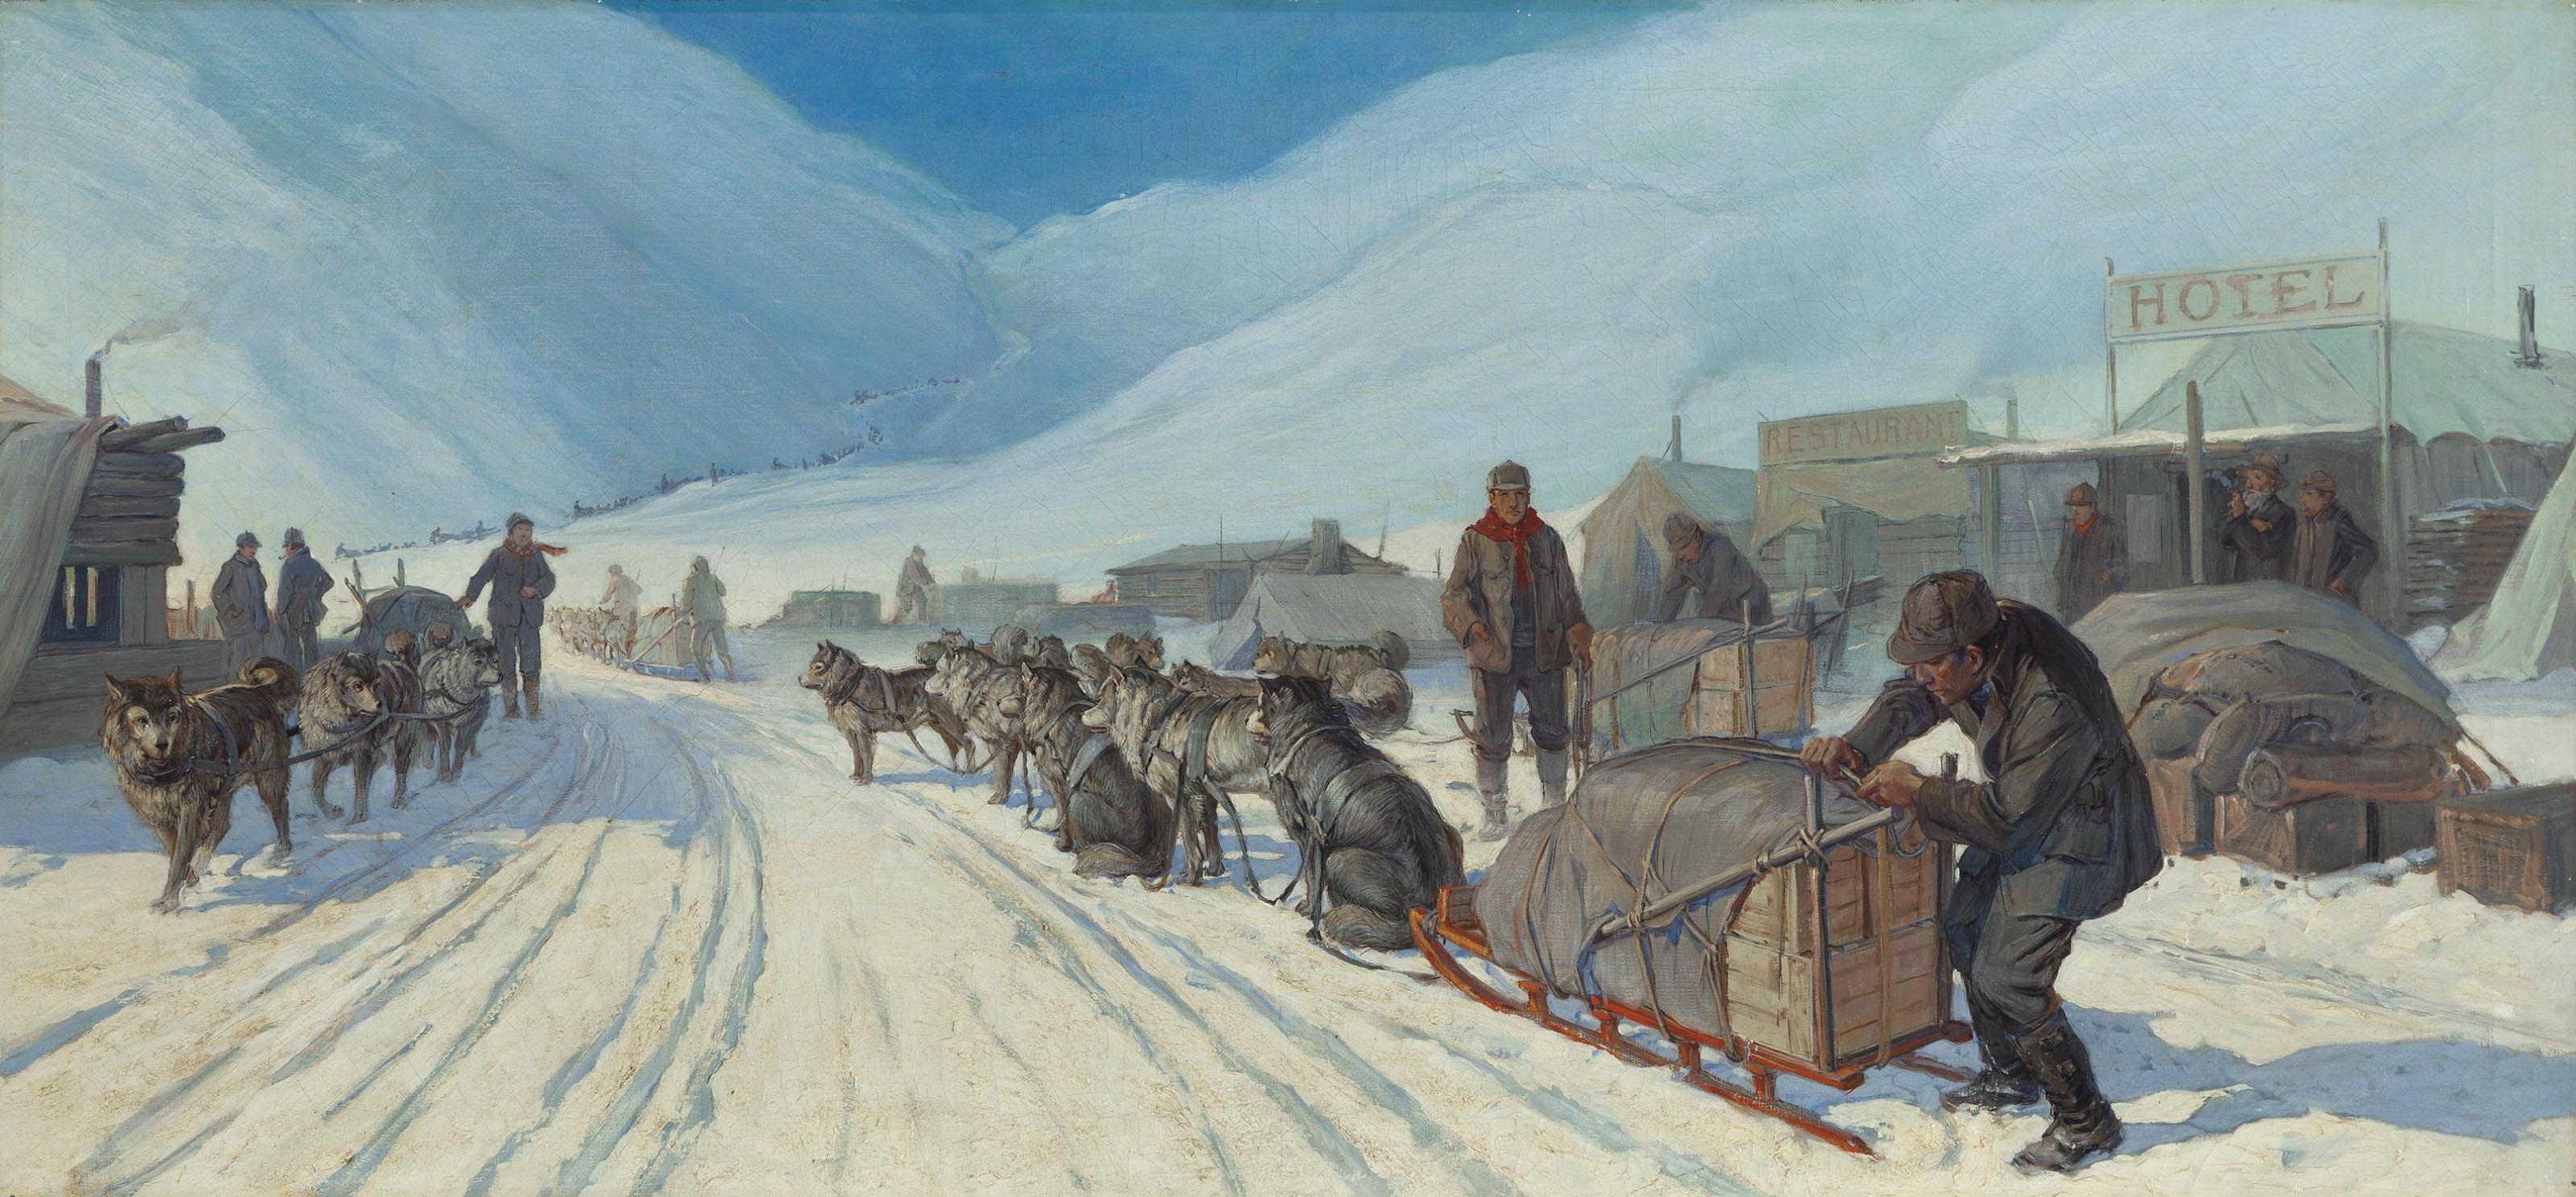 Transportation in Alaska (Winter Scene with Eskimo Sled)